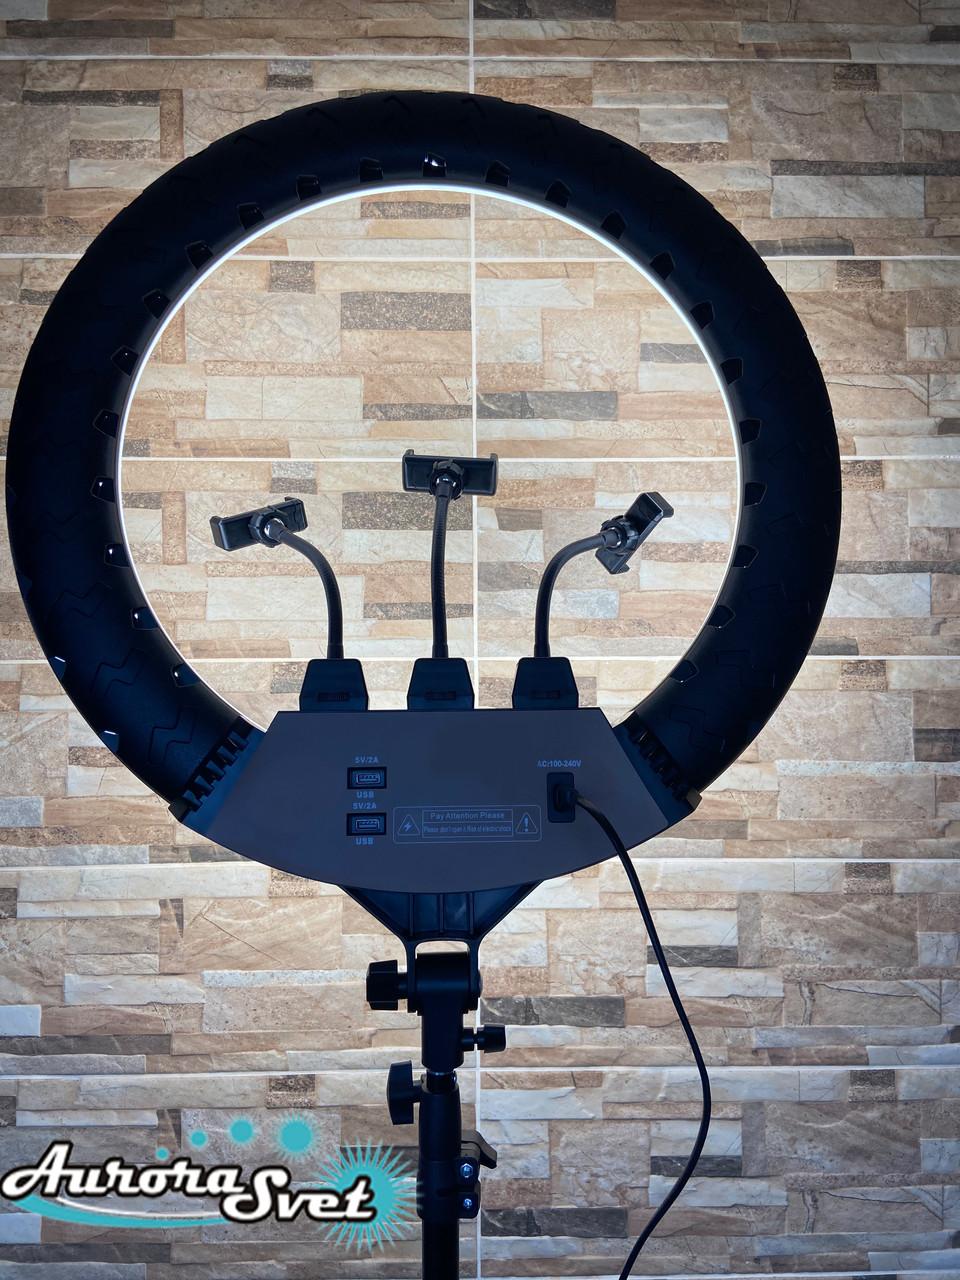 Кольцевая лампа 56см.512 led.55вт.Профессиональная кольцевая лампа с сумкой в комплекте